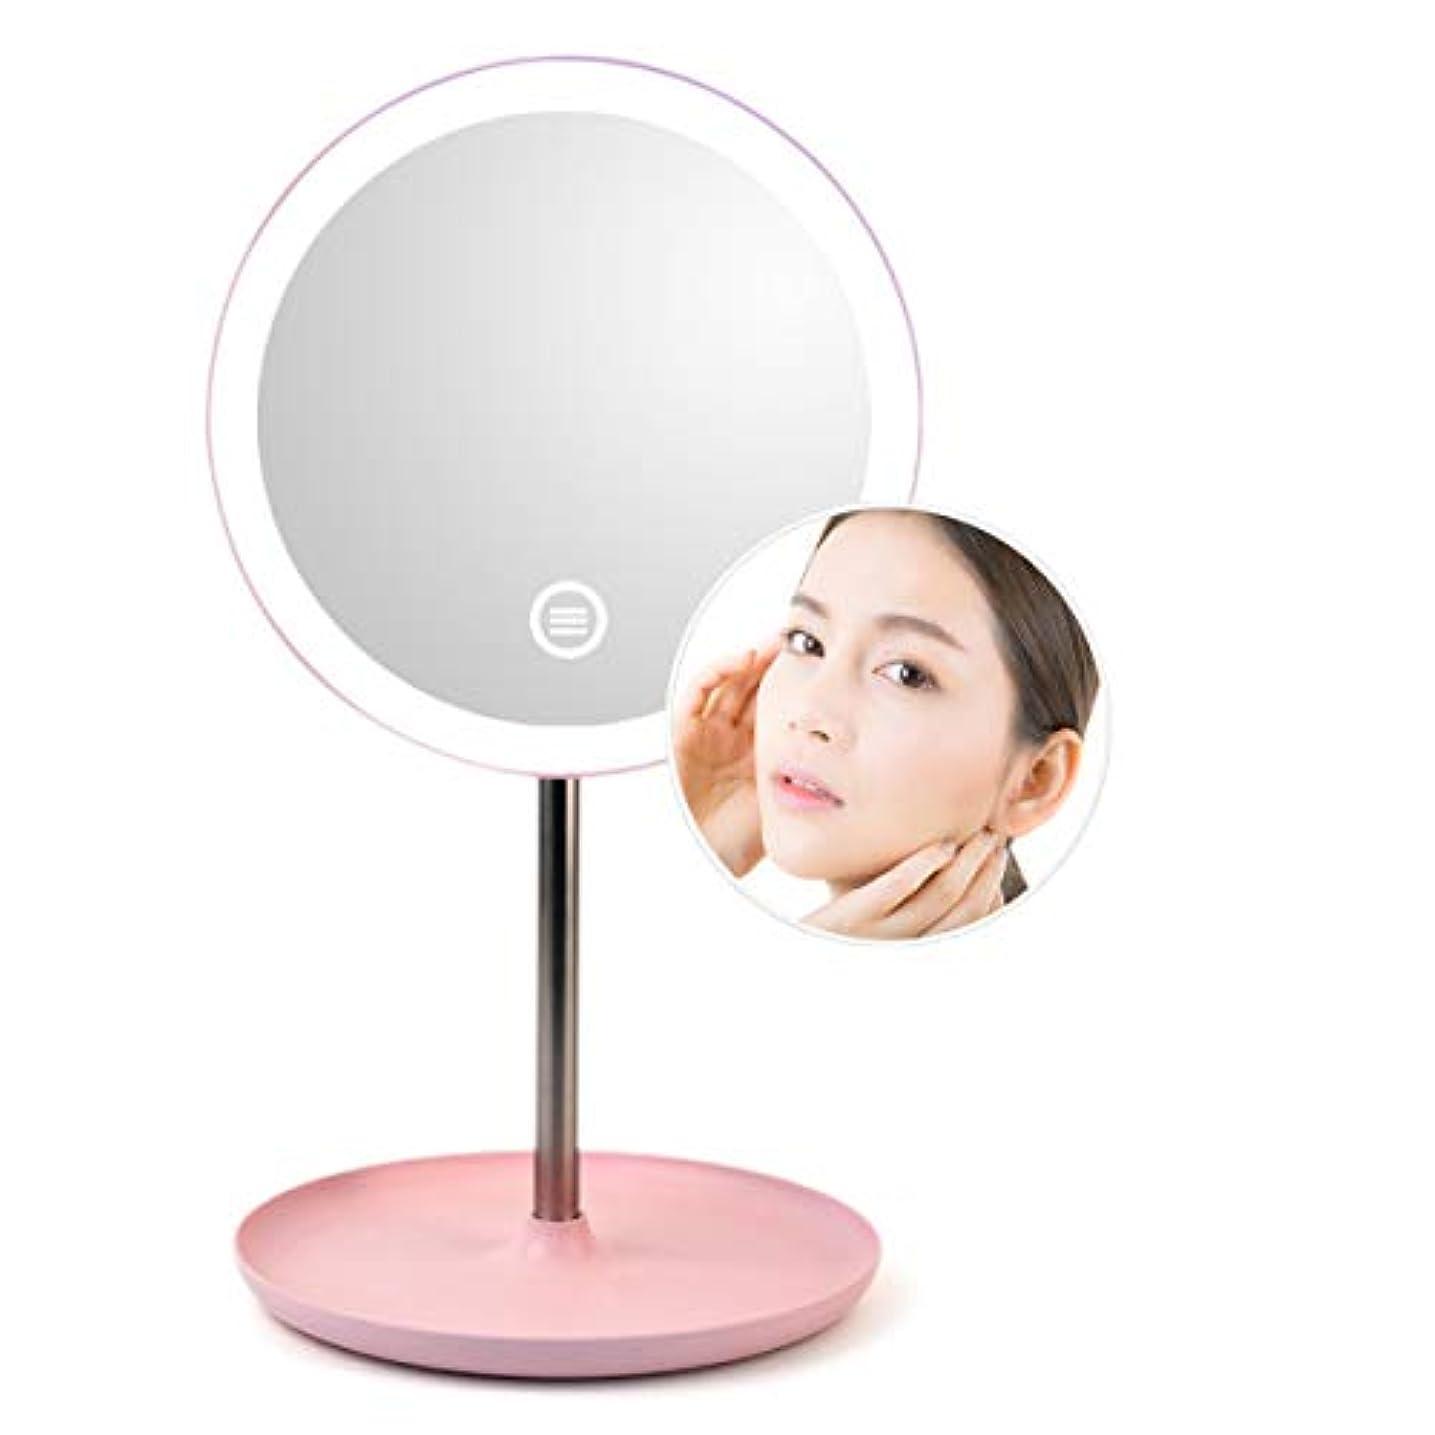 ダウンタウン人質カストディアン化粧鏡 卓上 LED付き usb充電式化粧ミラー 360度回転 タッチセンサー 明るさ調節可能 無段階調光 10倍 拡大鏡